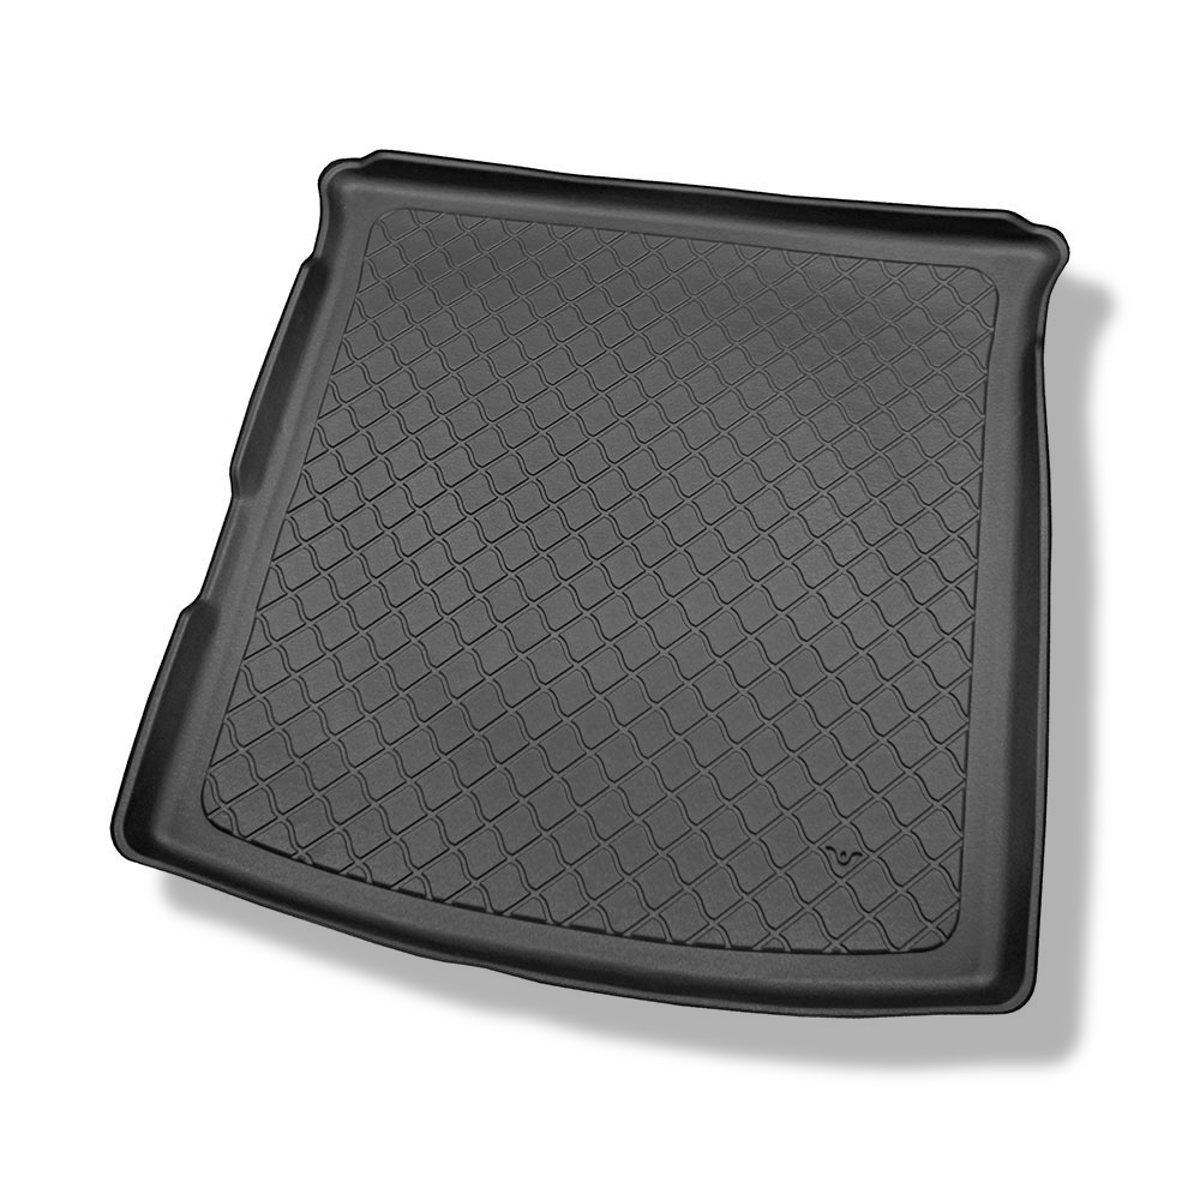 Geruchlos Ideale Passgenauigkeit H/öchste Qualit/ät Mossa Kofferraummatte 5902538558297